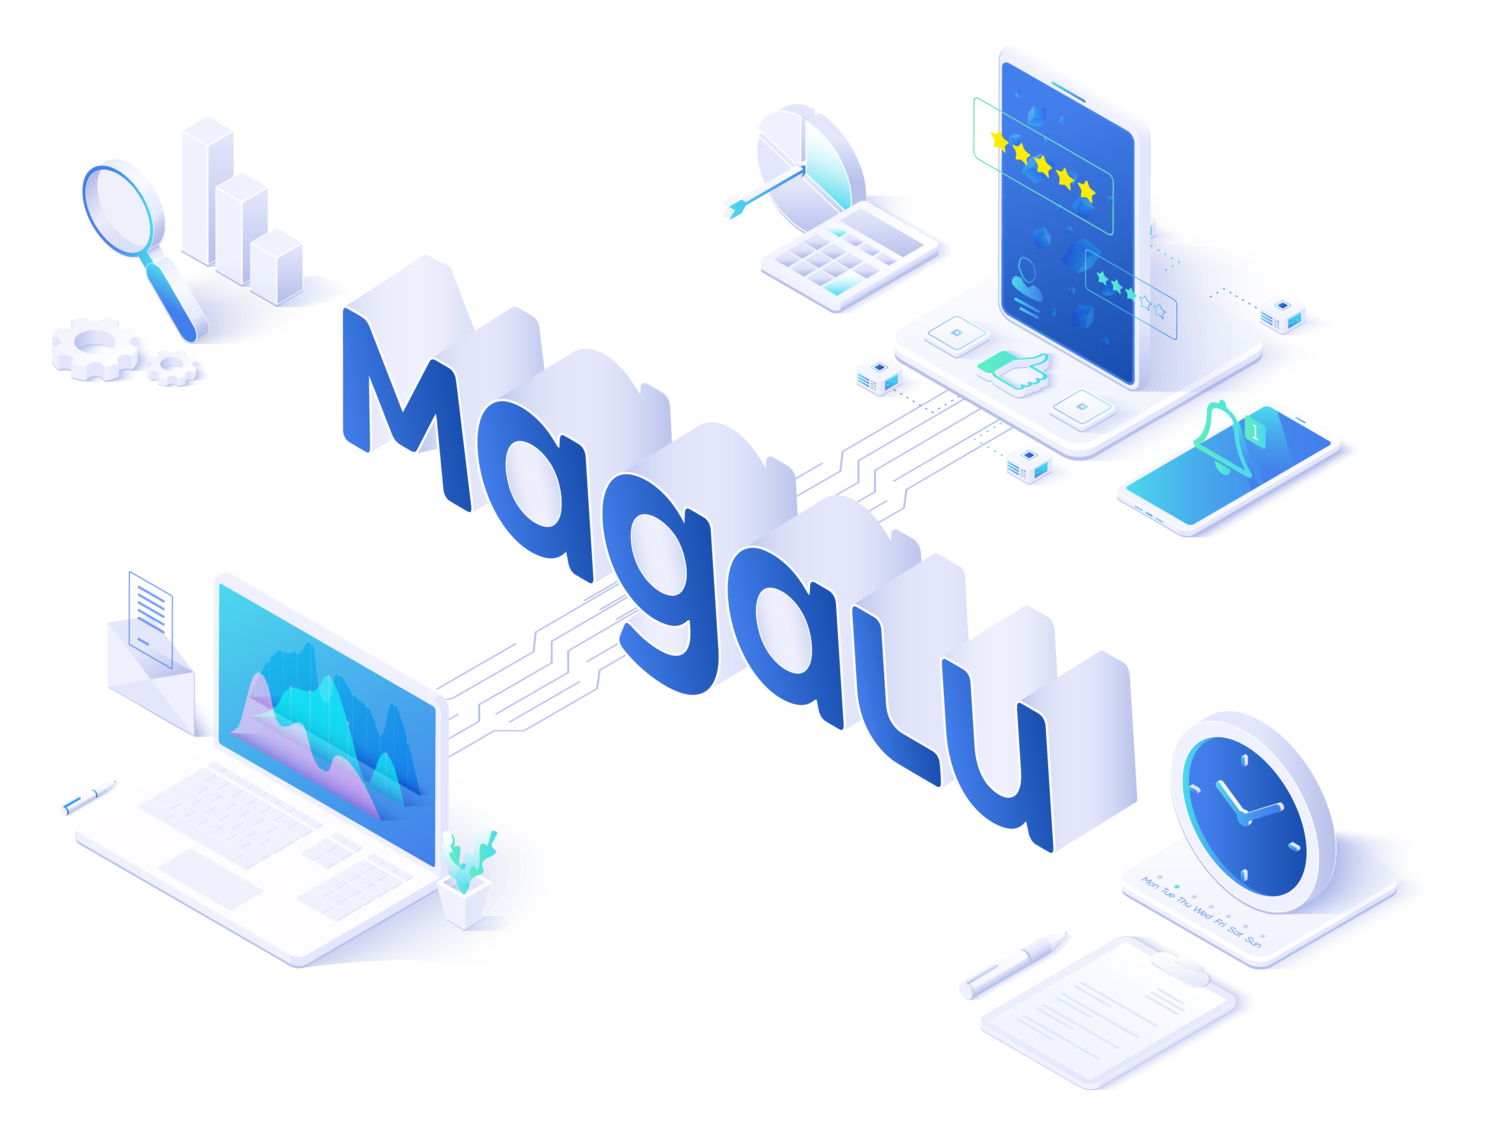 Magalu: O impacto da nova plataforma de telefonia e URA na experiência do cliente